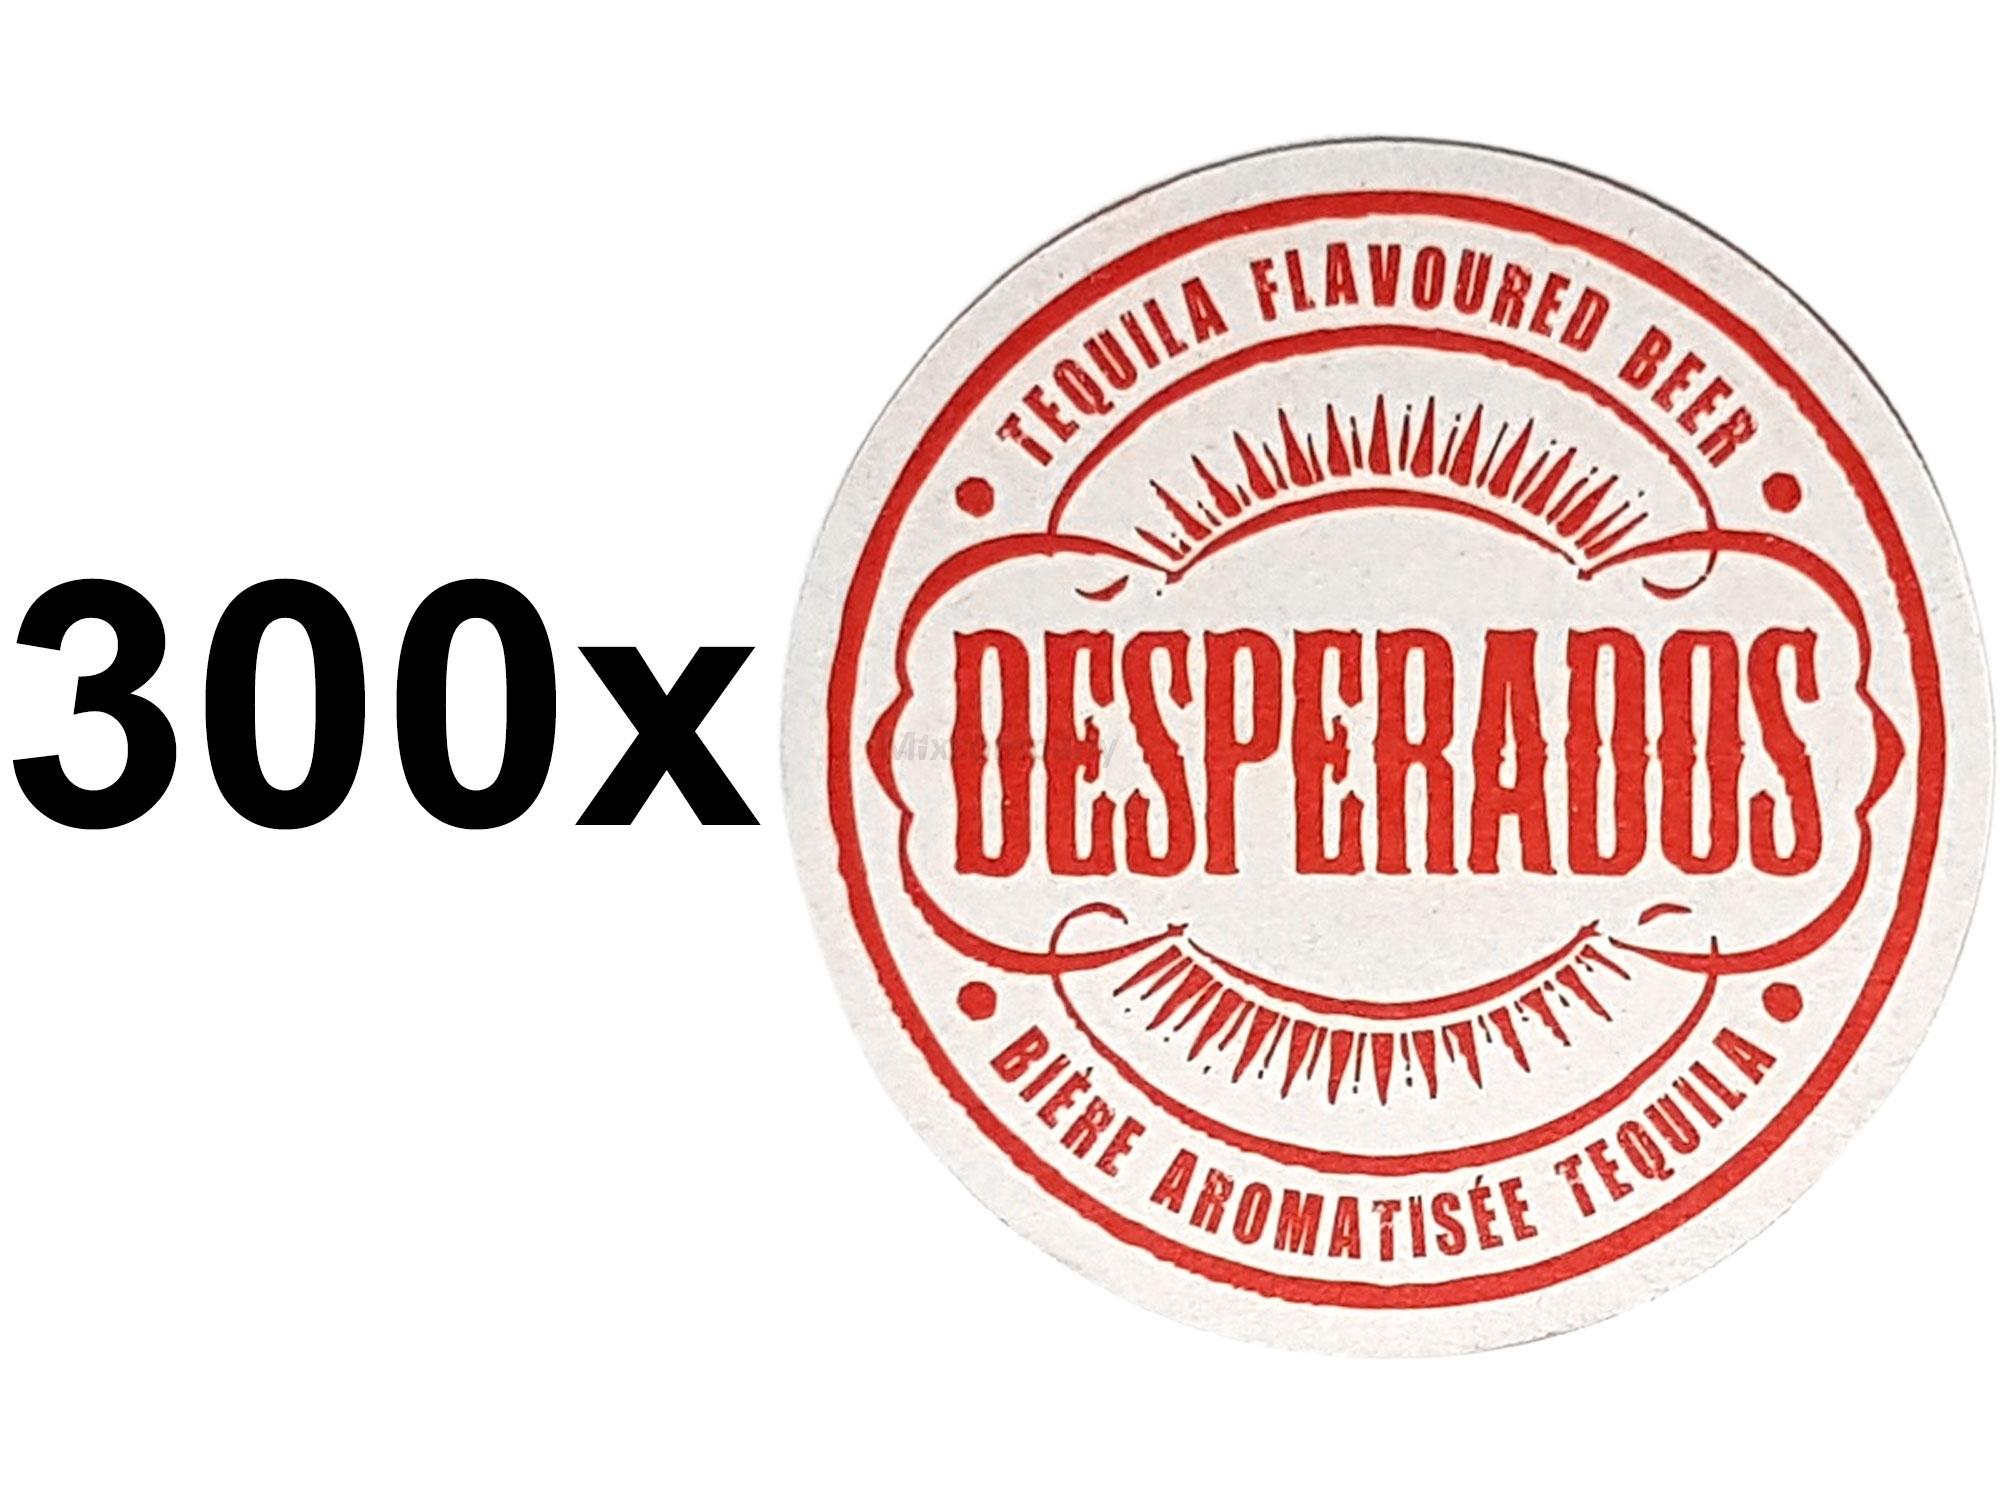 Desperados Bierdeckel Untersetzer Unterlage Pappdeckel Bierfilz Aktion - 300 Stück (3x 100er Packung)